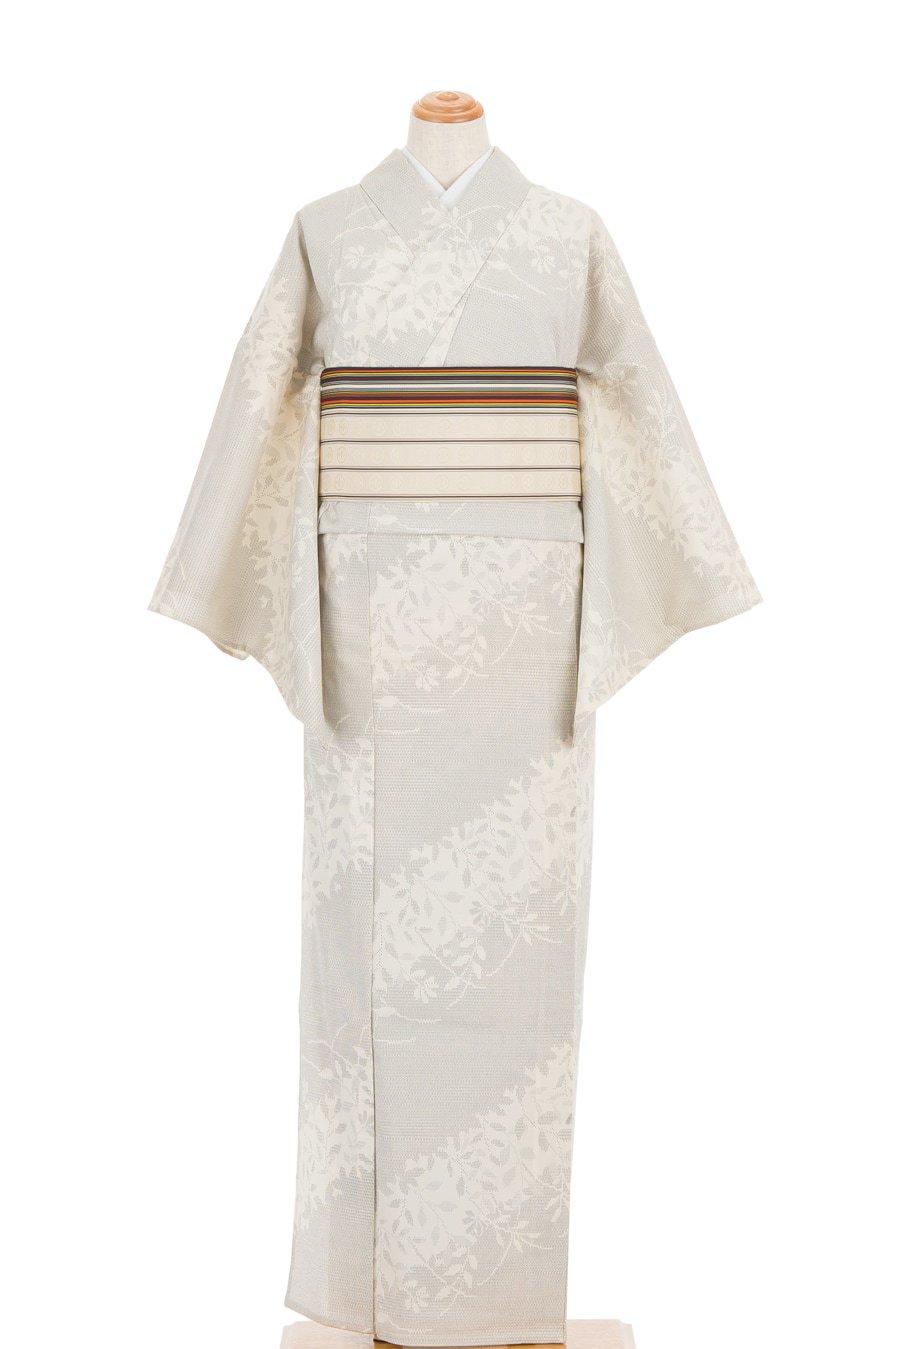 「単衣 お召 葉のシルエット」の商品画像